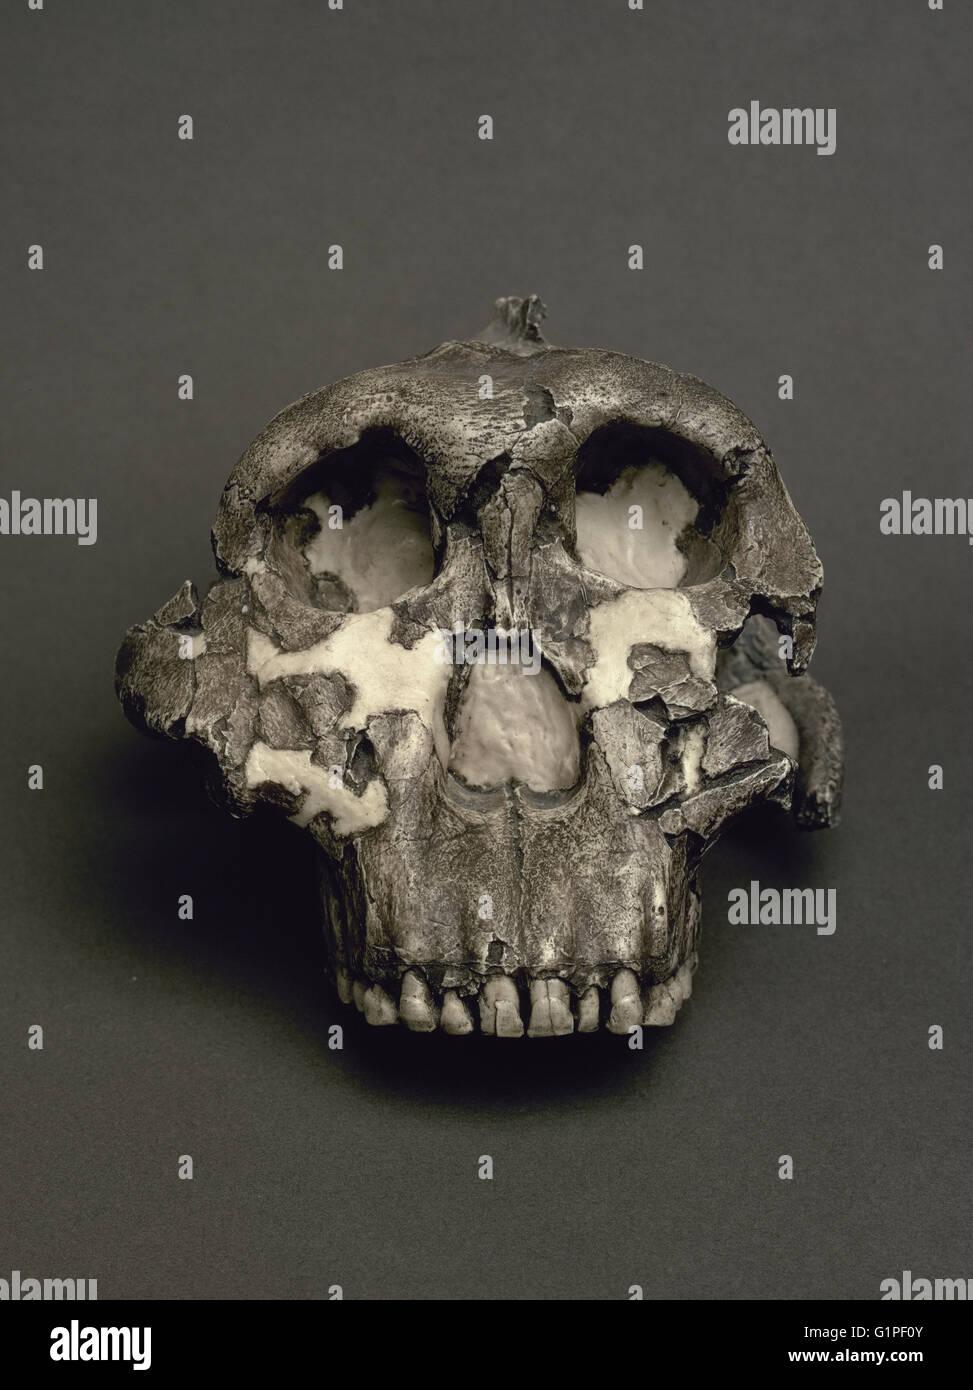 Reproduktion von einem Schädel von Paranthropus robustus benannt lieber Junge. 1,8 Millionen Jahren. Aus der Stockbild